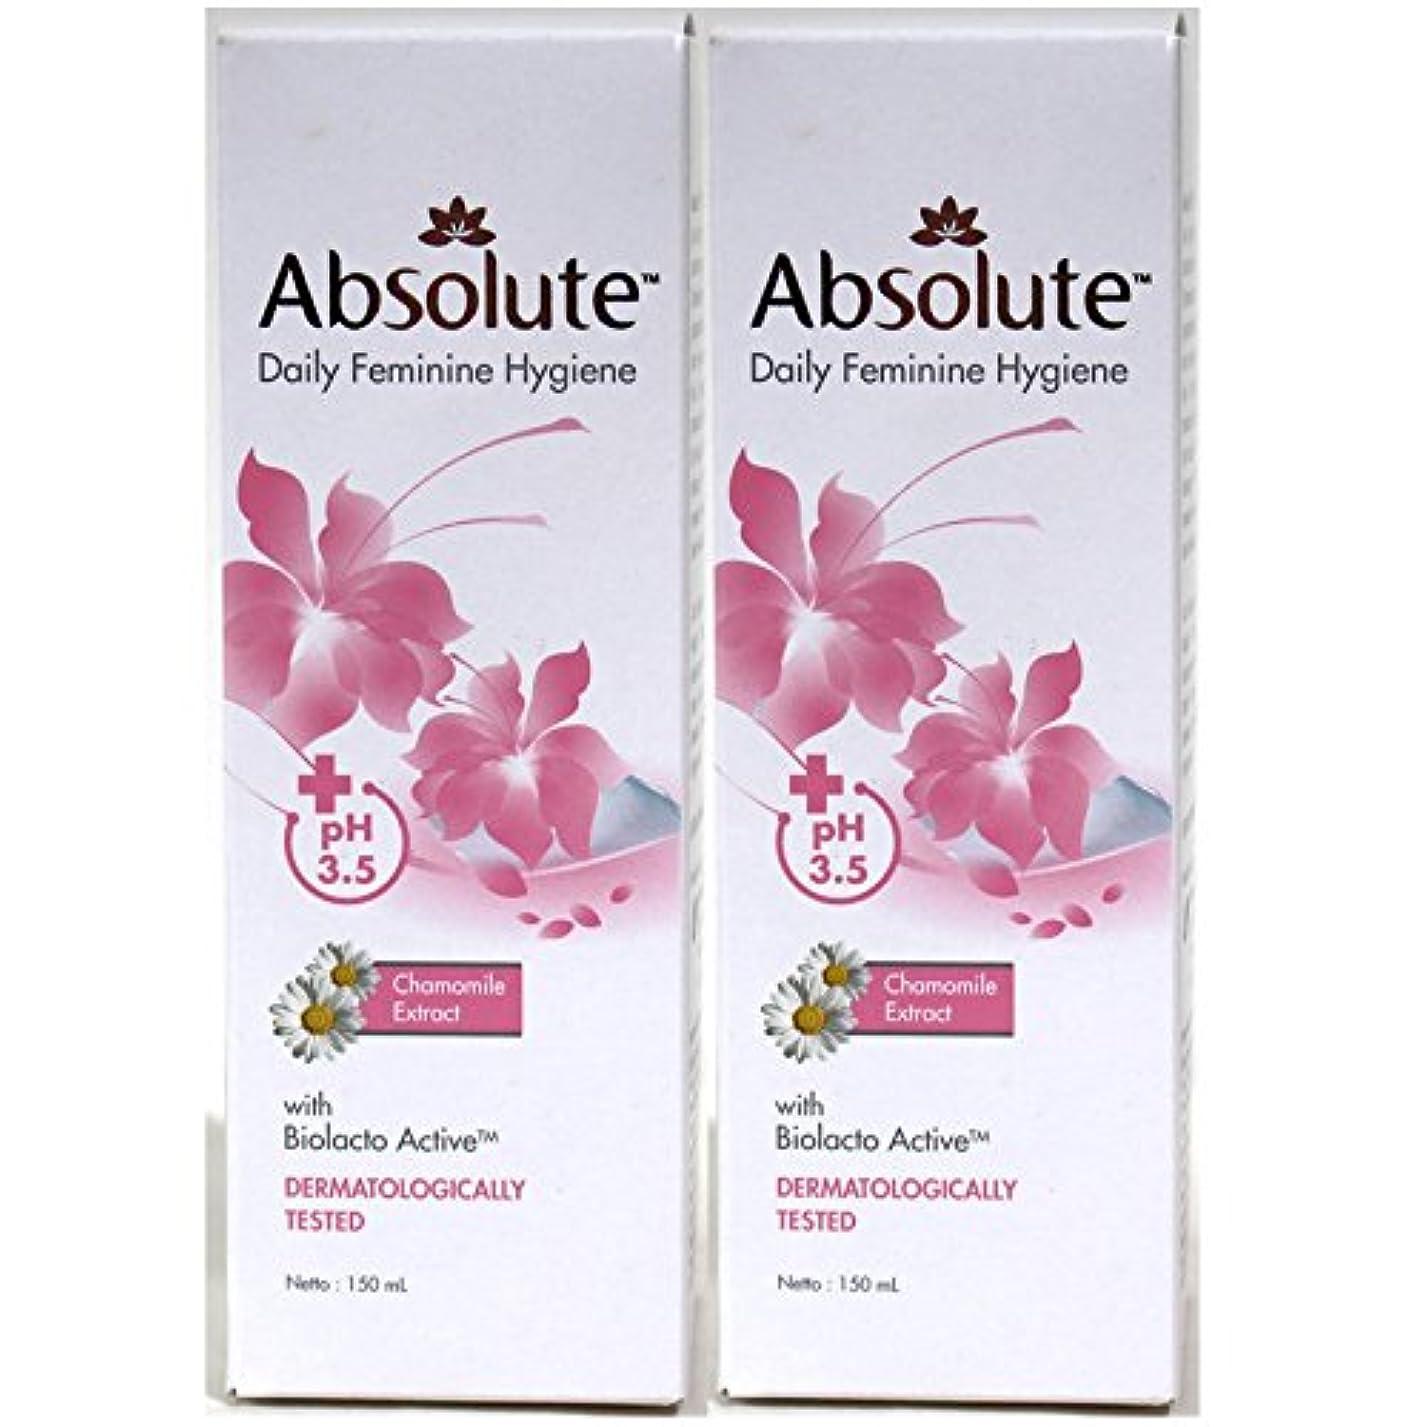 番号バース首尾一貫したAbsolute(アブソリュート)女性用液体ソープ 150ml 2本セット[並行輸入品][海外直送品]